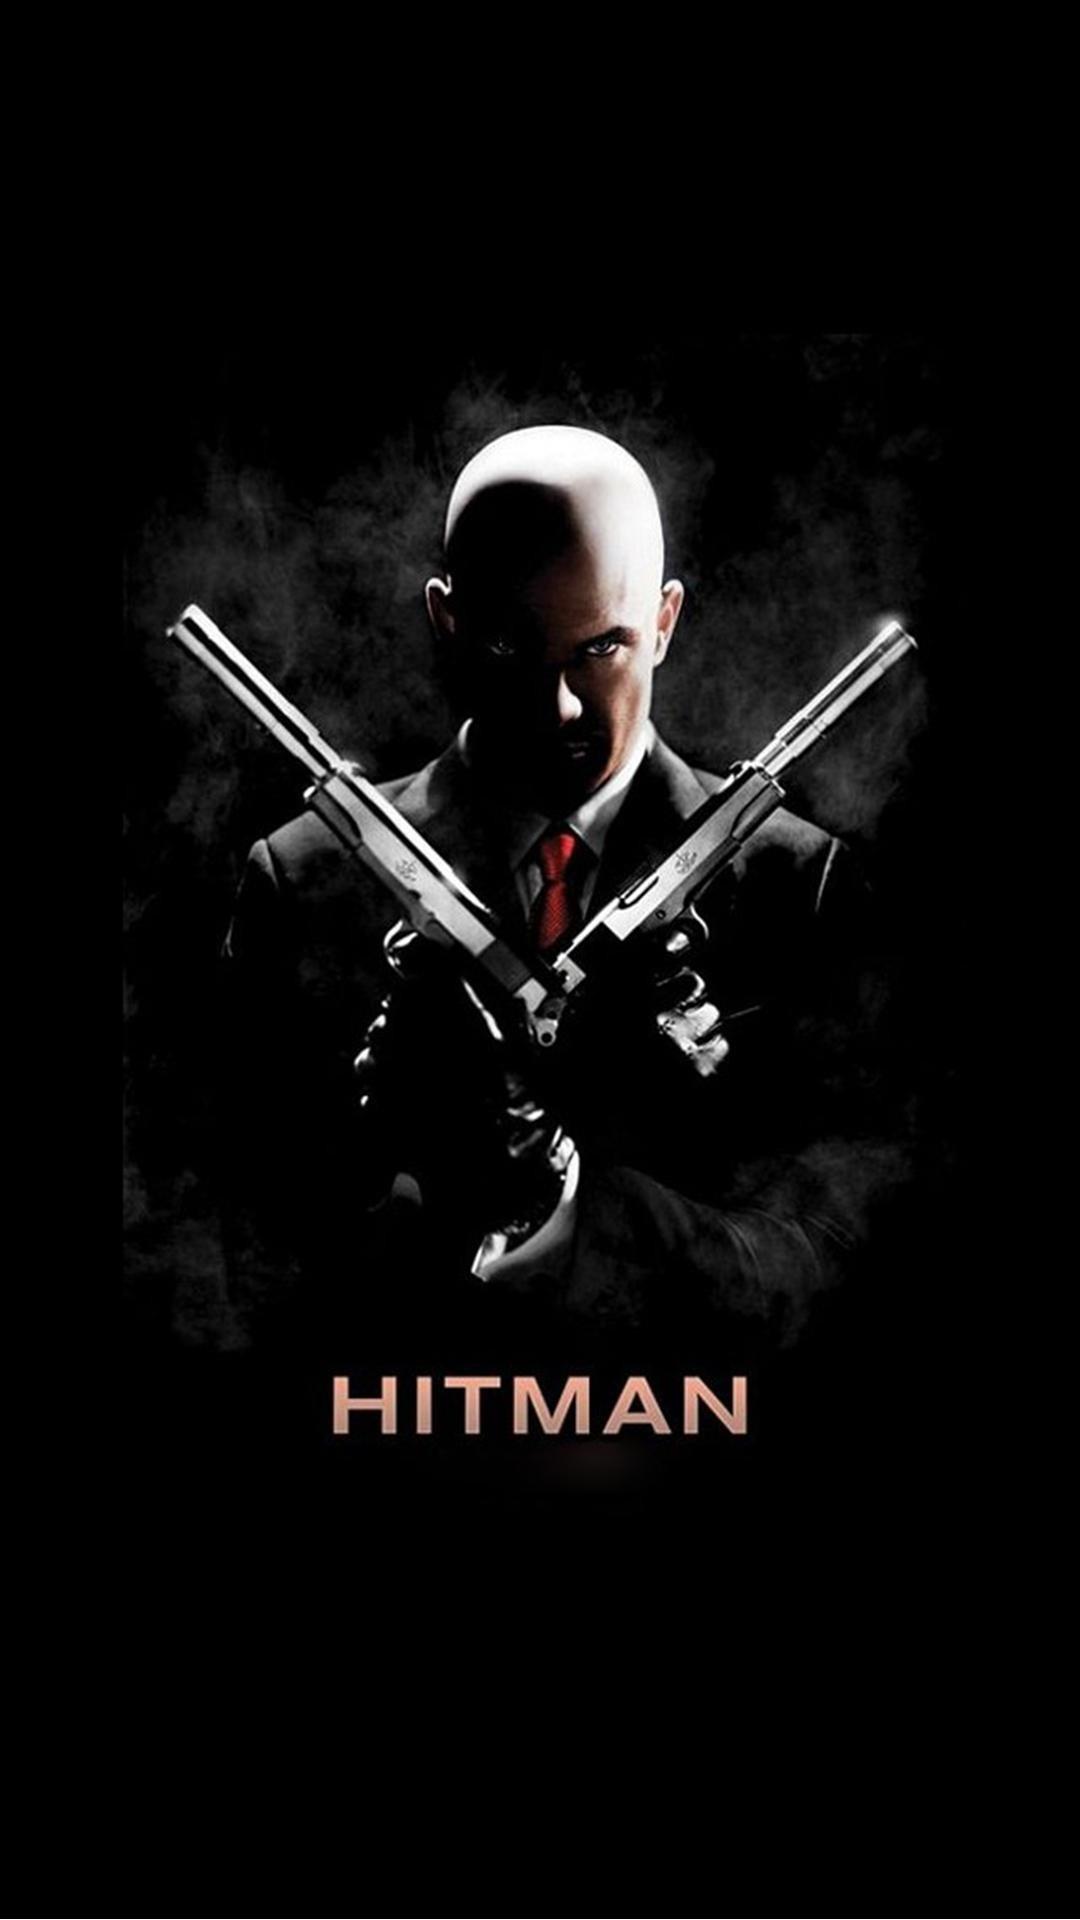 Hitman 47 Double Pistols